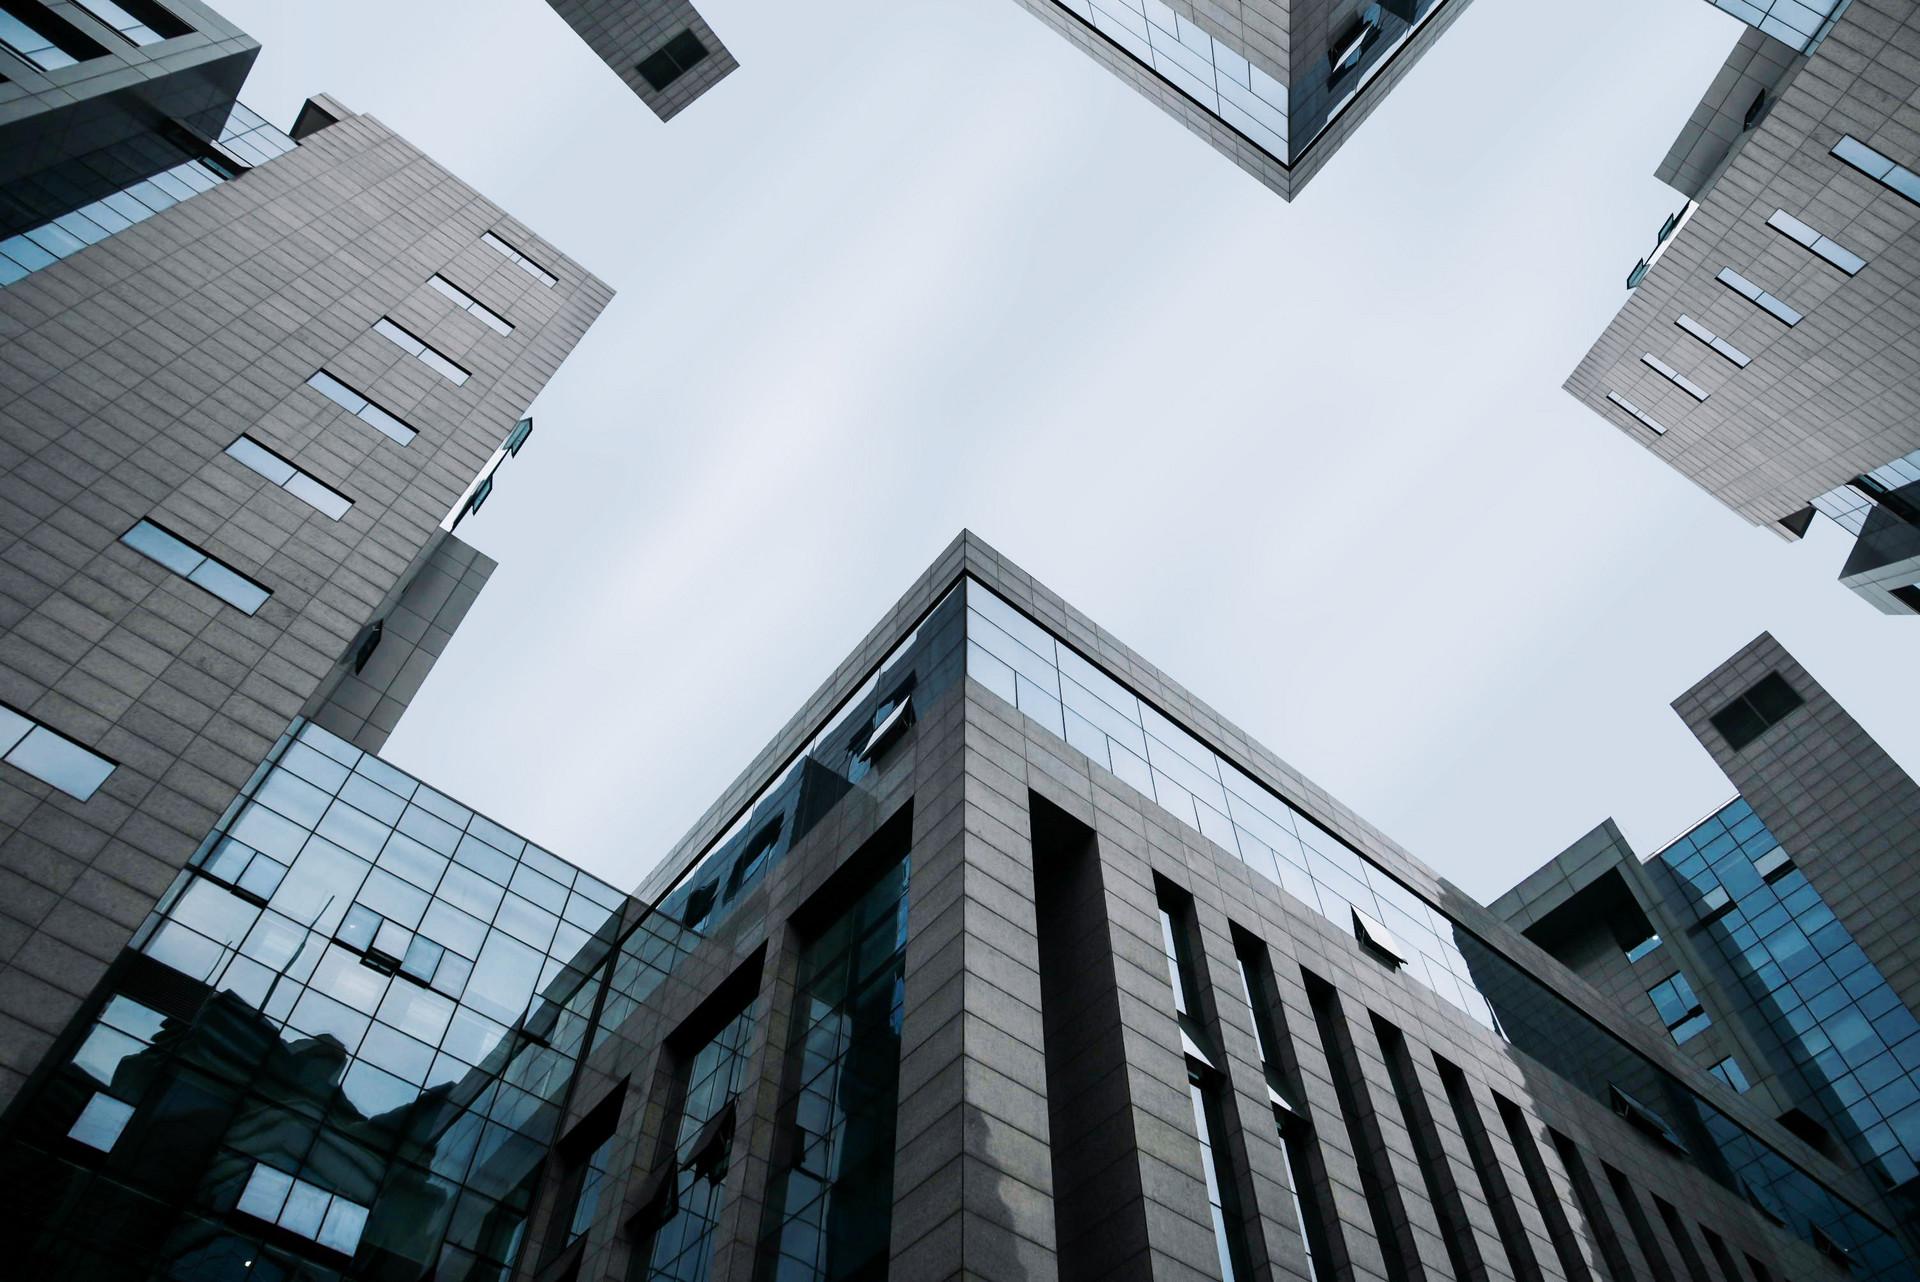 土地利用重点清单 今年市北建设人才房安置房近万套